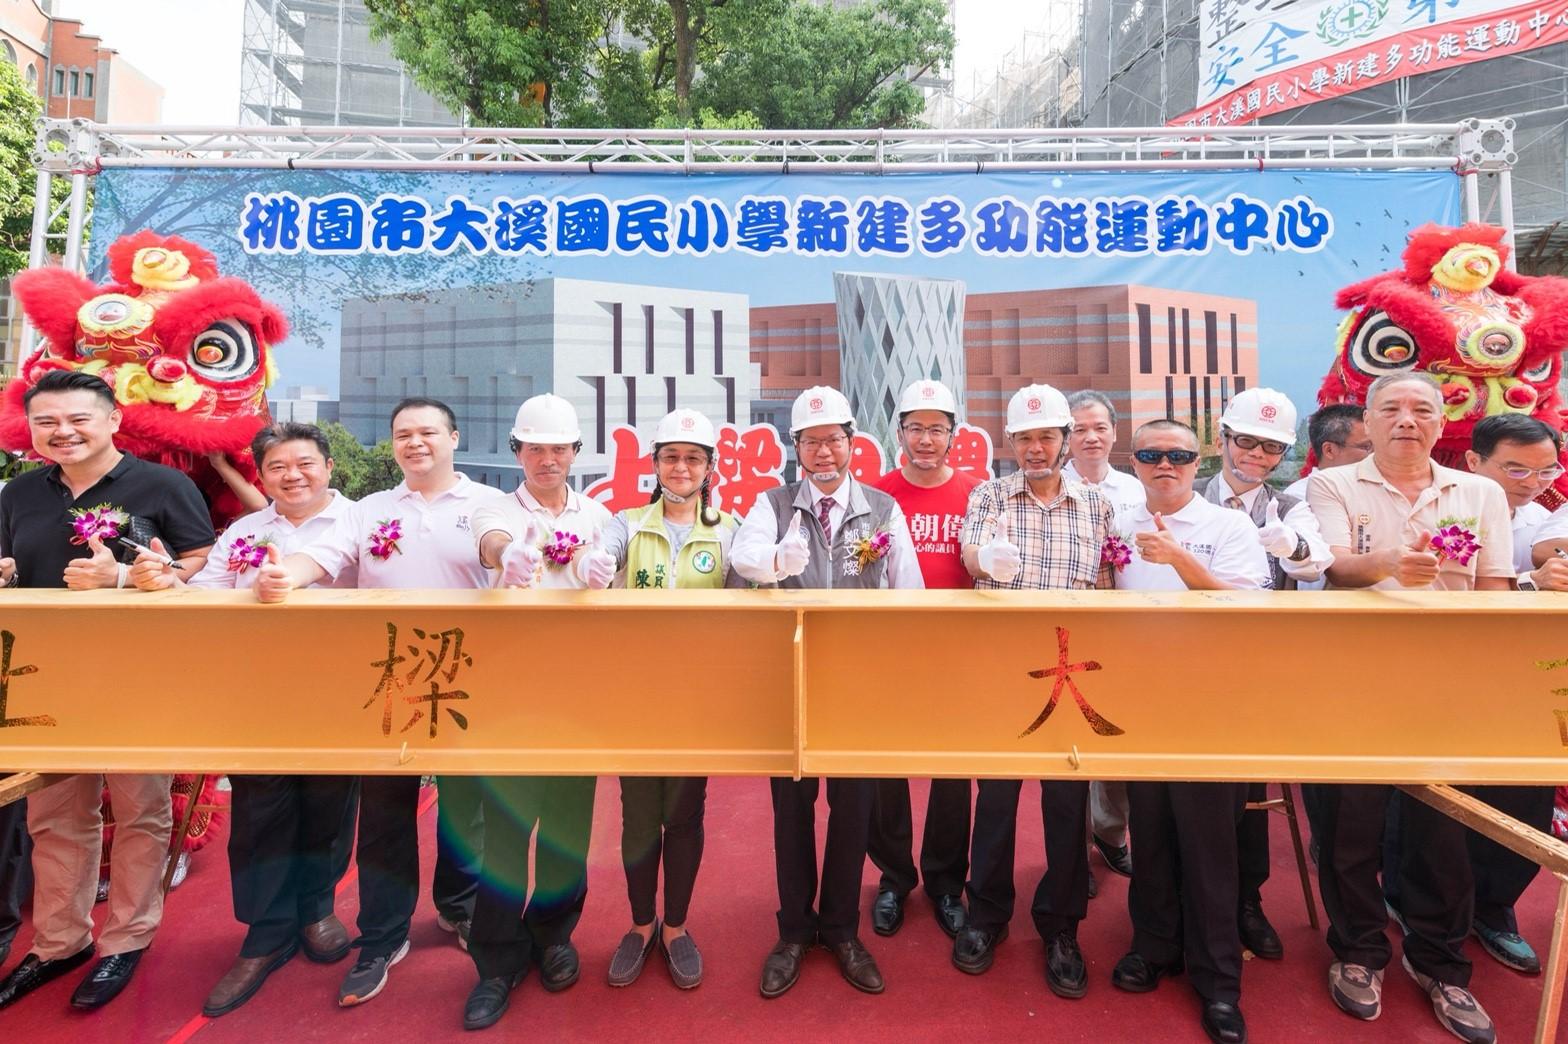 大溪國小新建多功能運動中心上梁 鄭市長:107年底完工,讓學校與鄉親方便使用